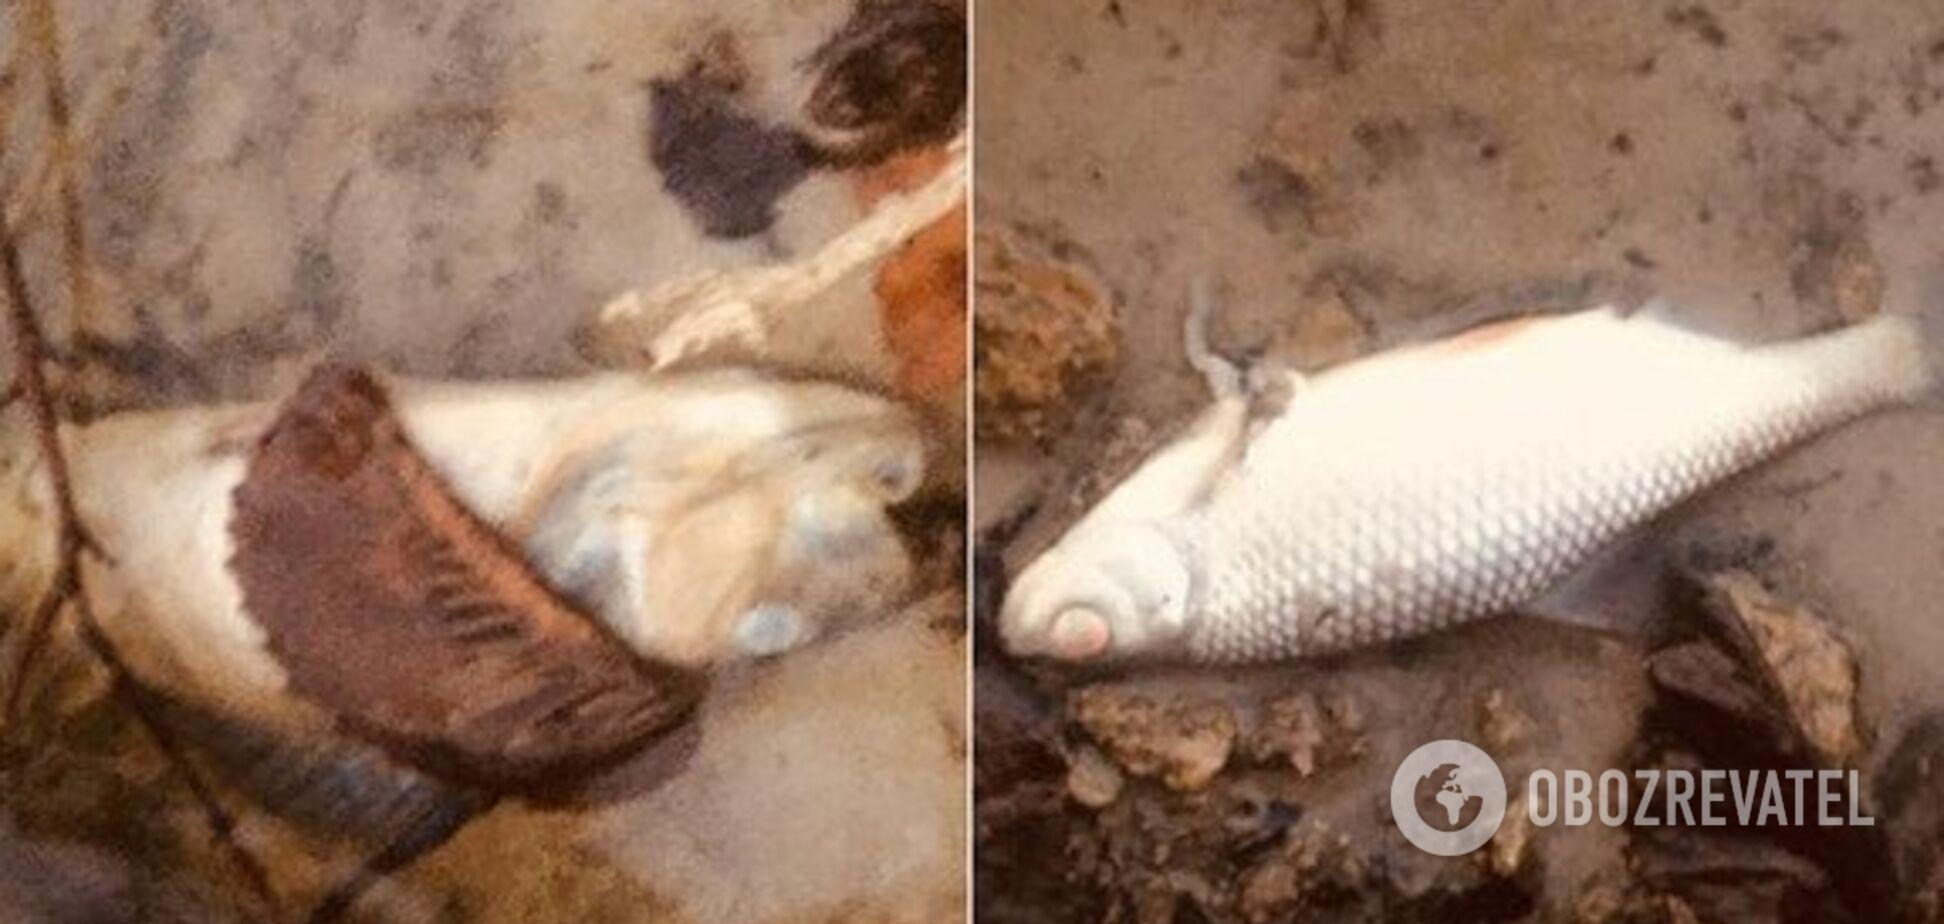 Ужасная вонь и мертвая рыба: под Днепром назревает экологическая катастрофа